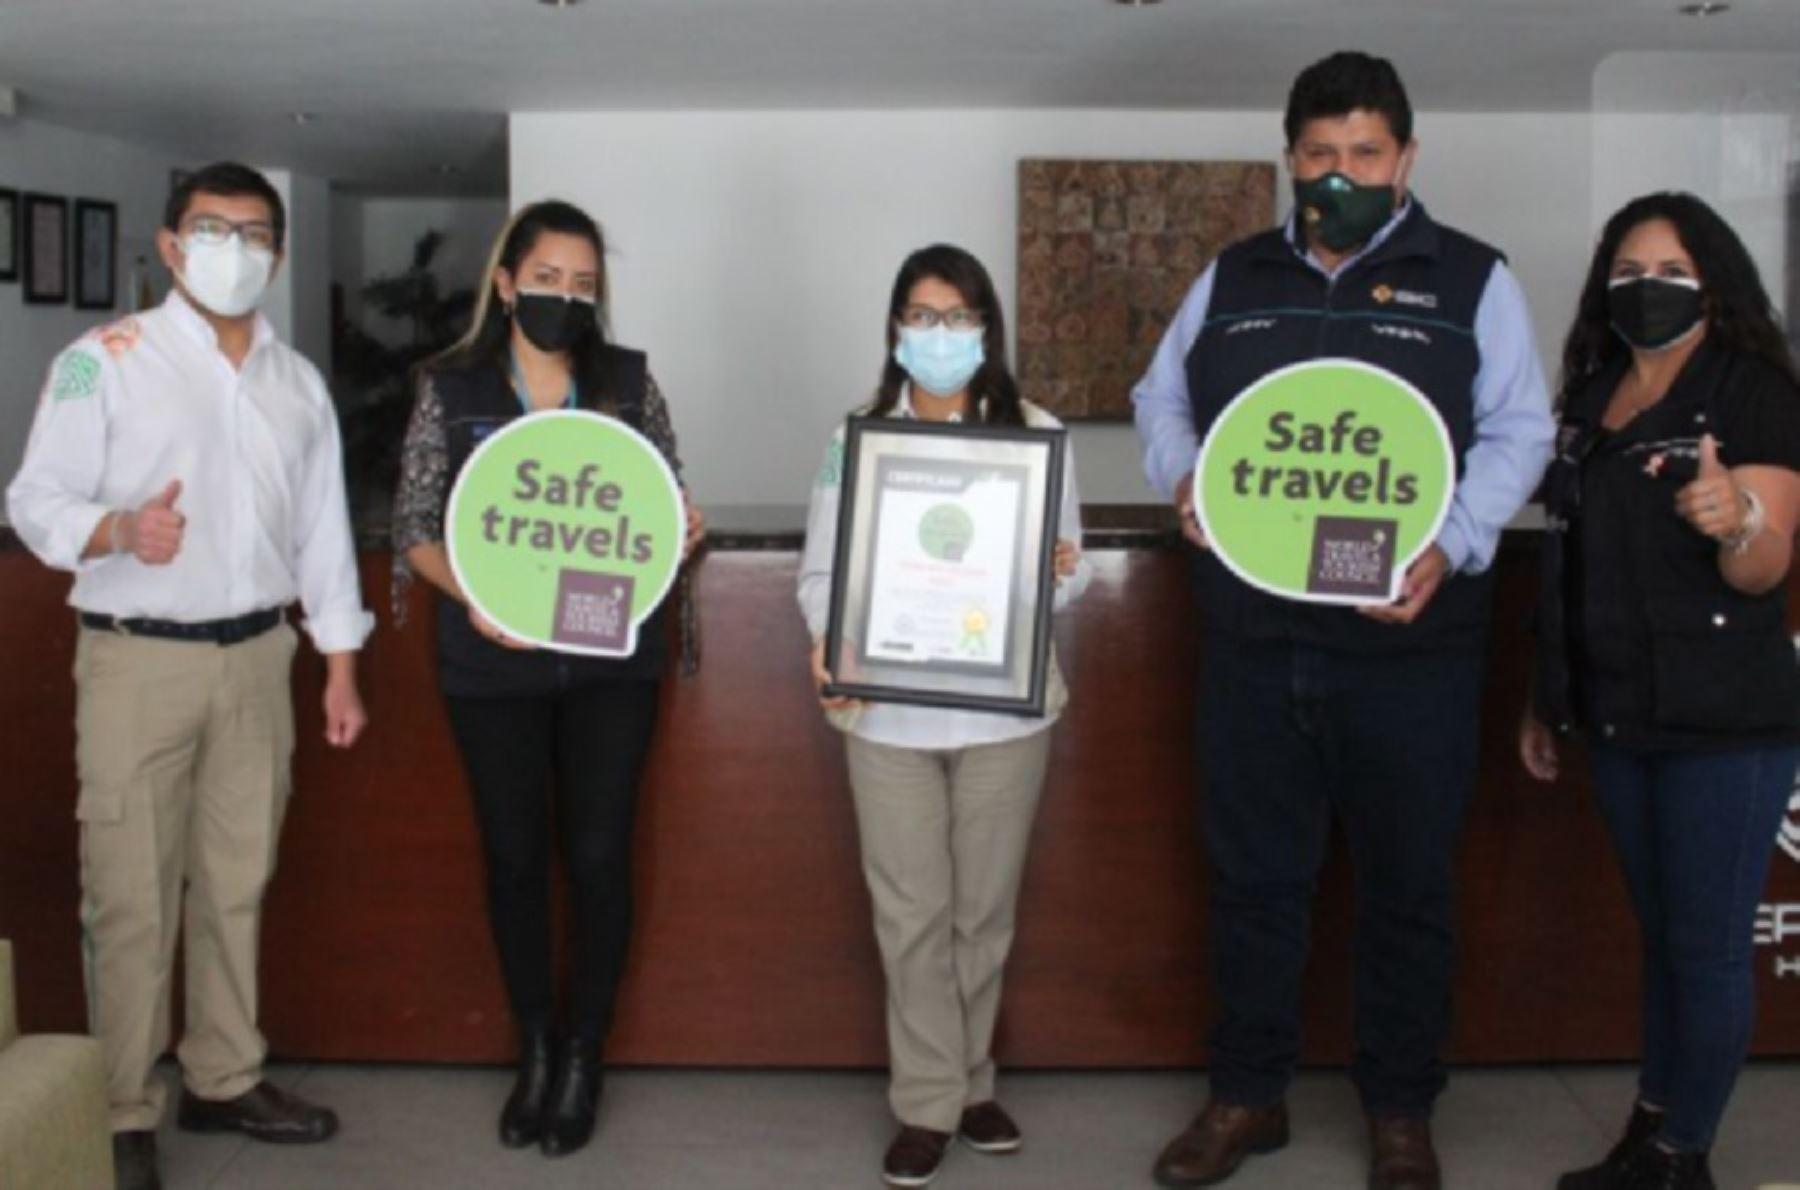 Prestadores de servicios turísticos Arequipa y valle del Colca, recibieron el Sello Safe Travels tras lograr el reconocimiento internacional como destino bioseguro que otorga el Consejo Mundial de Viajes y Turismo, el mismo que es avalado por la Organización Mundial de Salud.